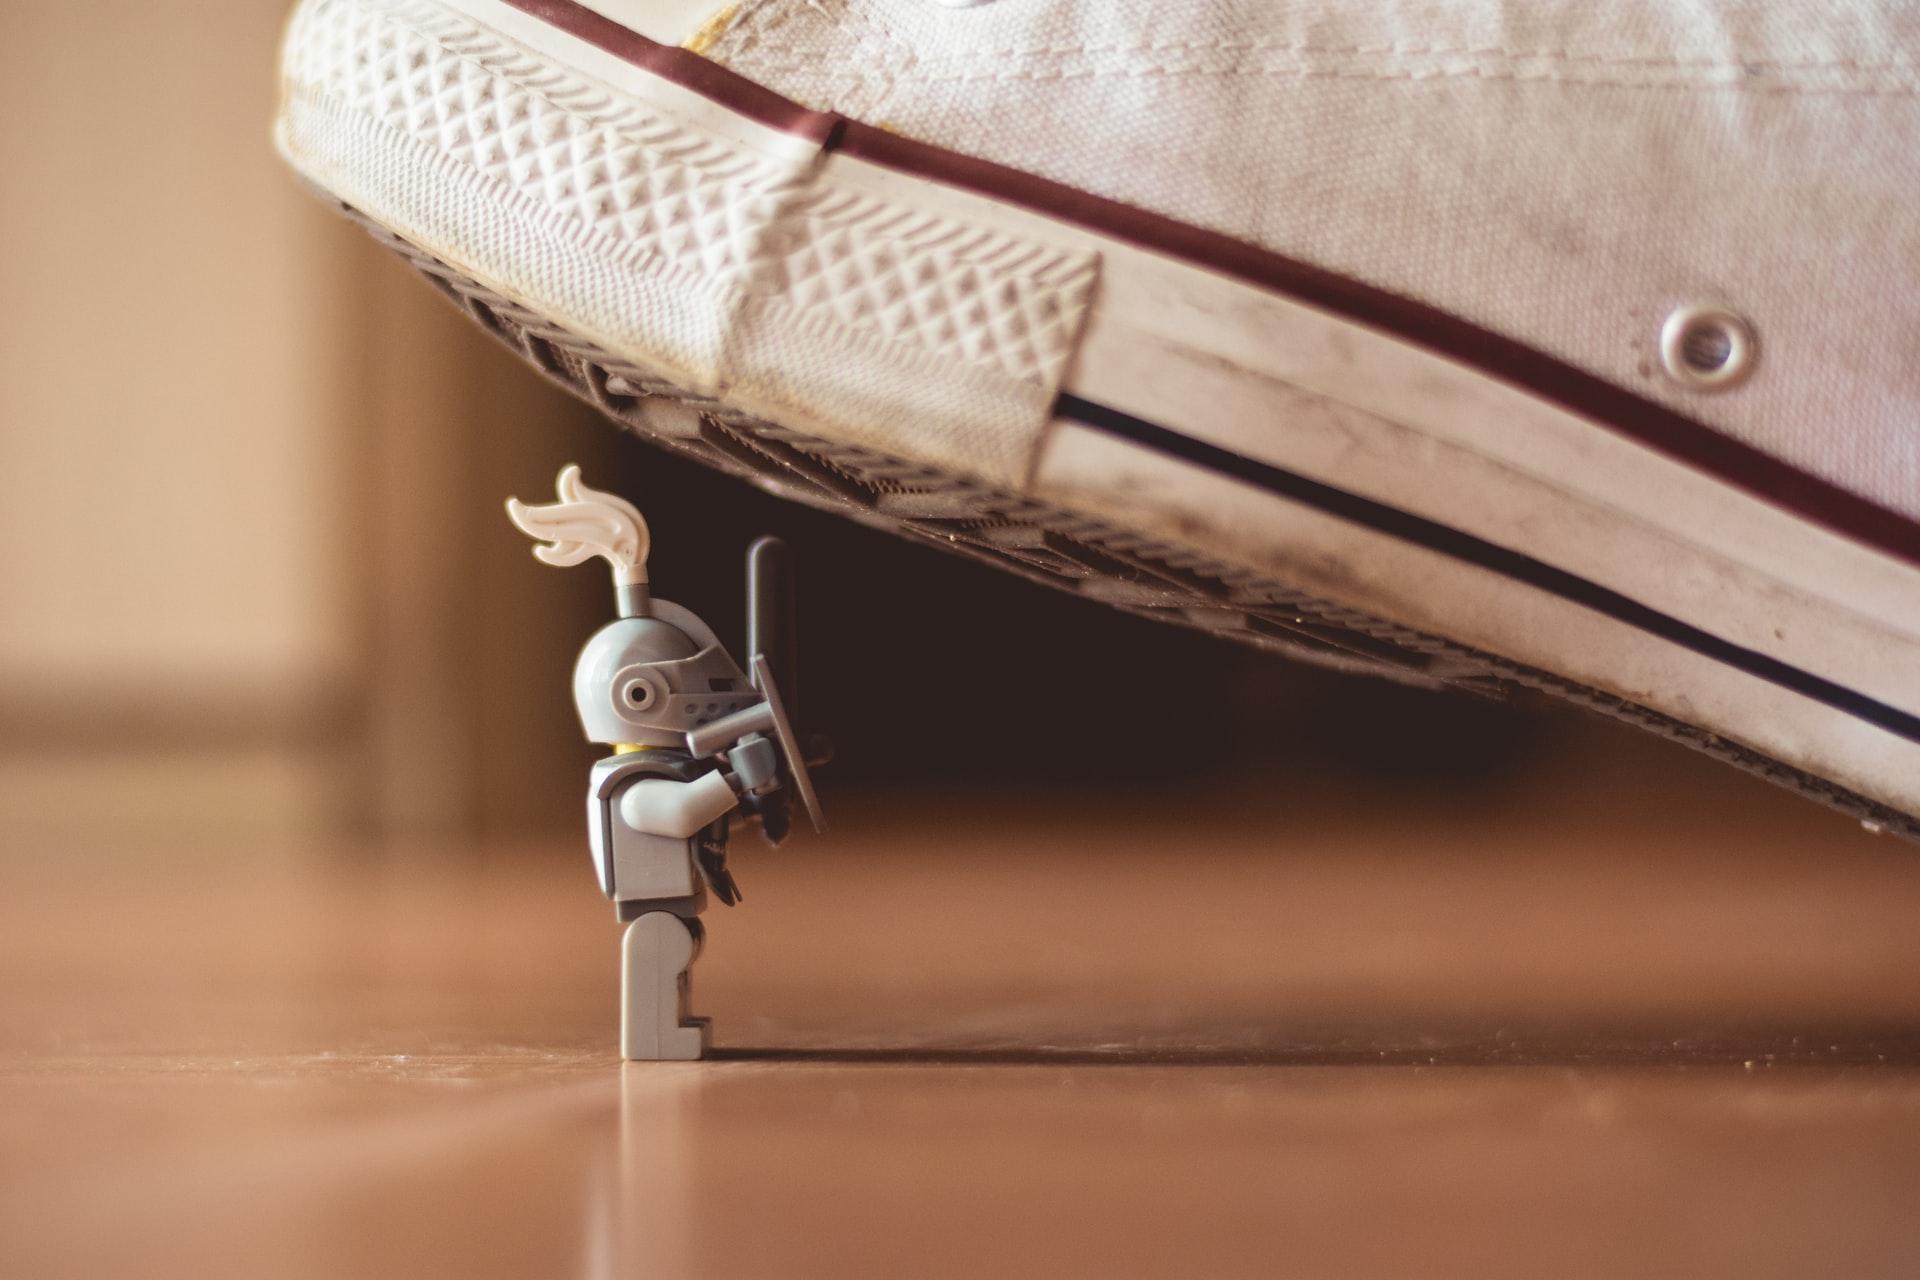 Top-5-credințe-limitative-despre-bani-și-cum-te-pot-influența-acestea_talpa-care-striveste-o-jucarie